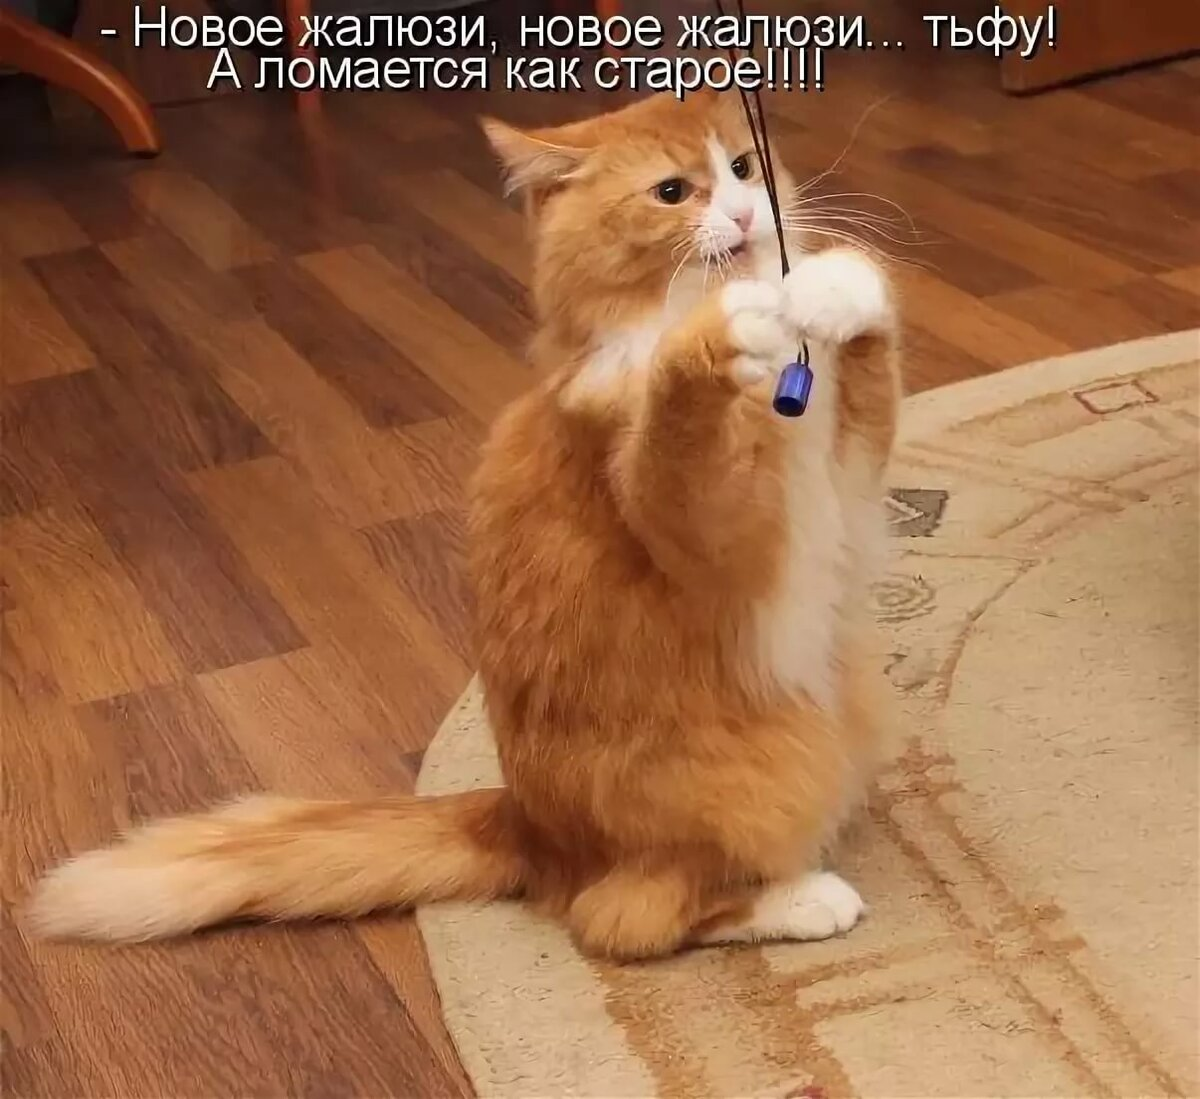 Смотреть картинки прикольных кошек с надписями